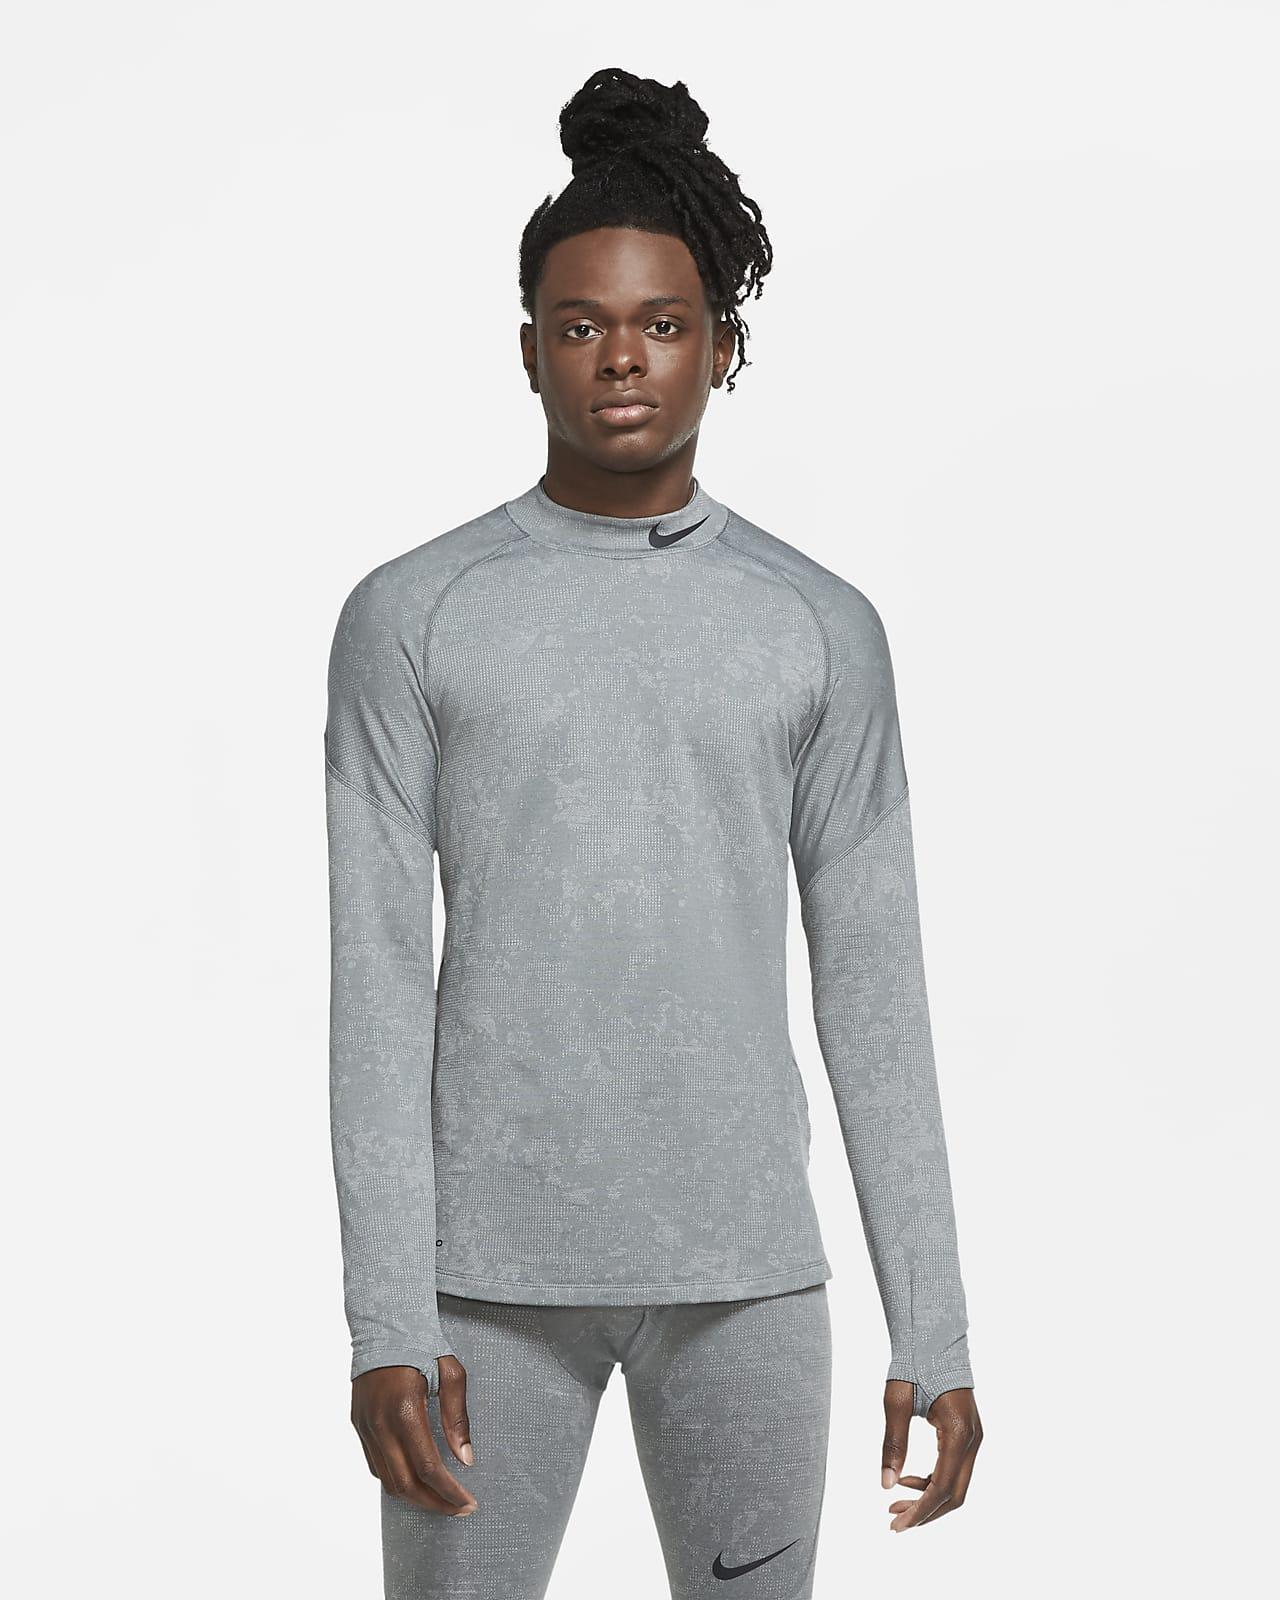 Nike Pro Warm Utility Men's Long-Sleeve